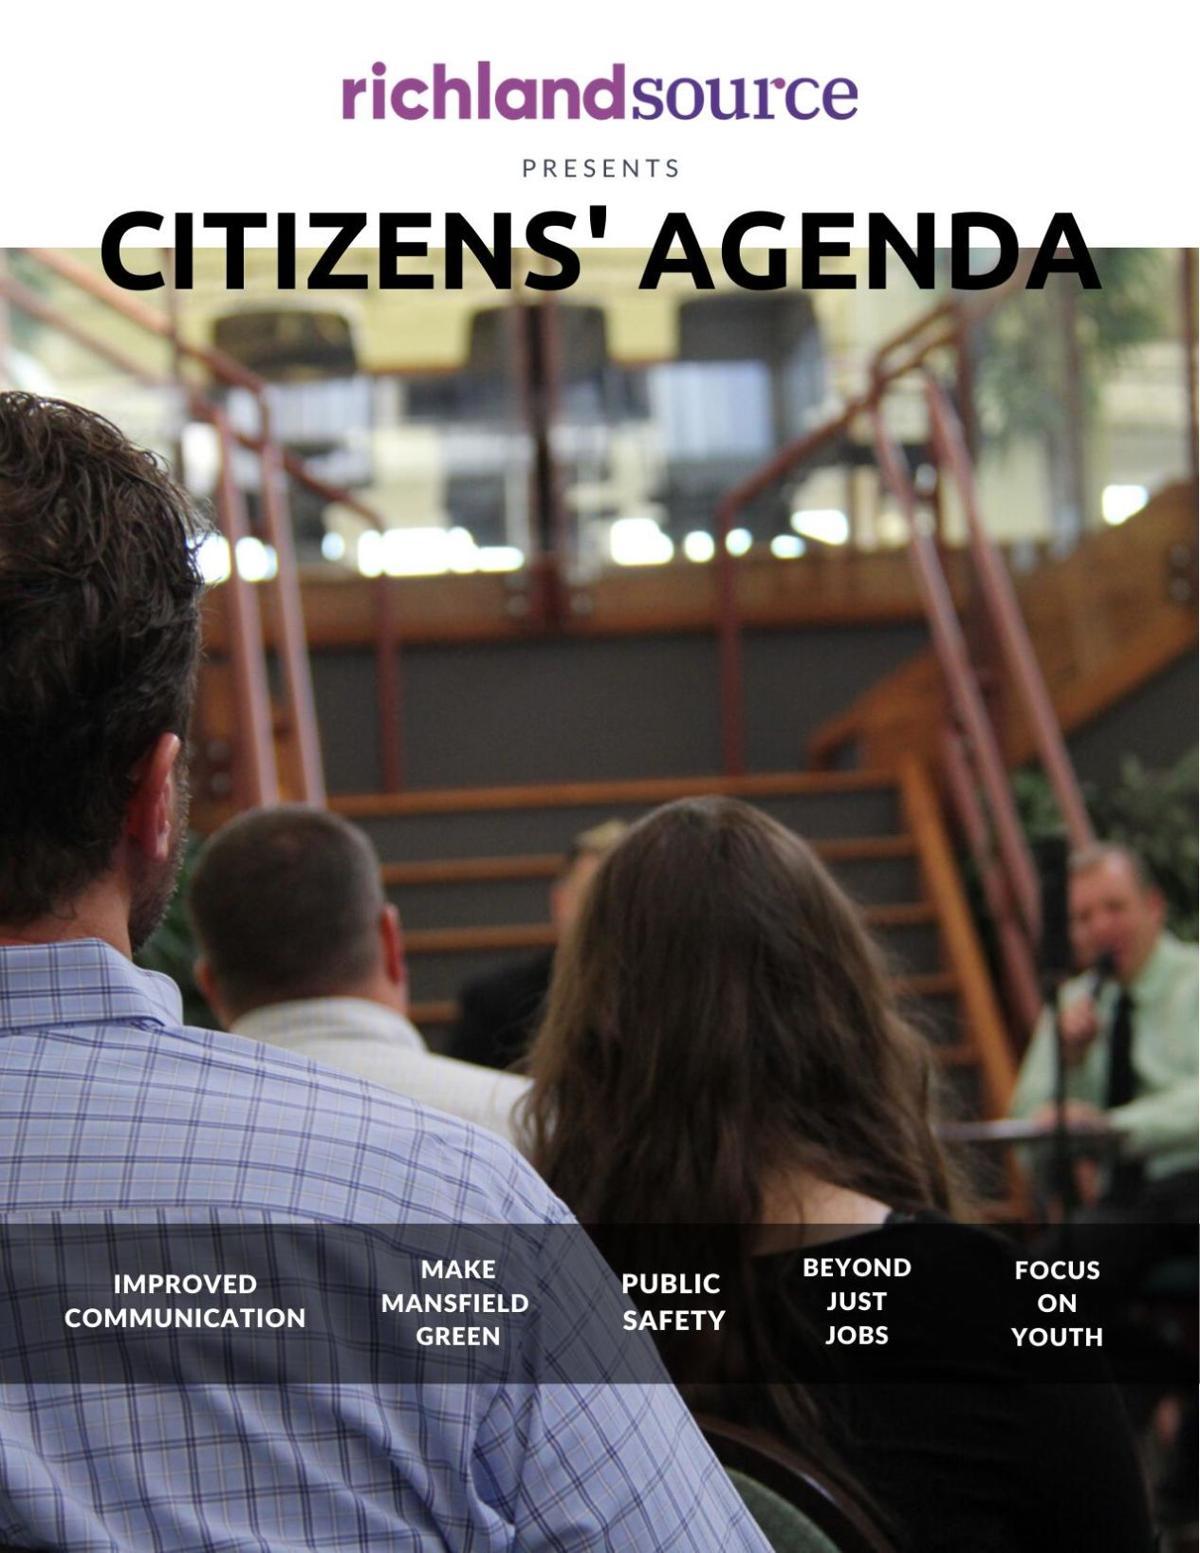 Citizens' Agenda